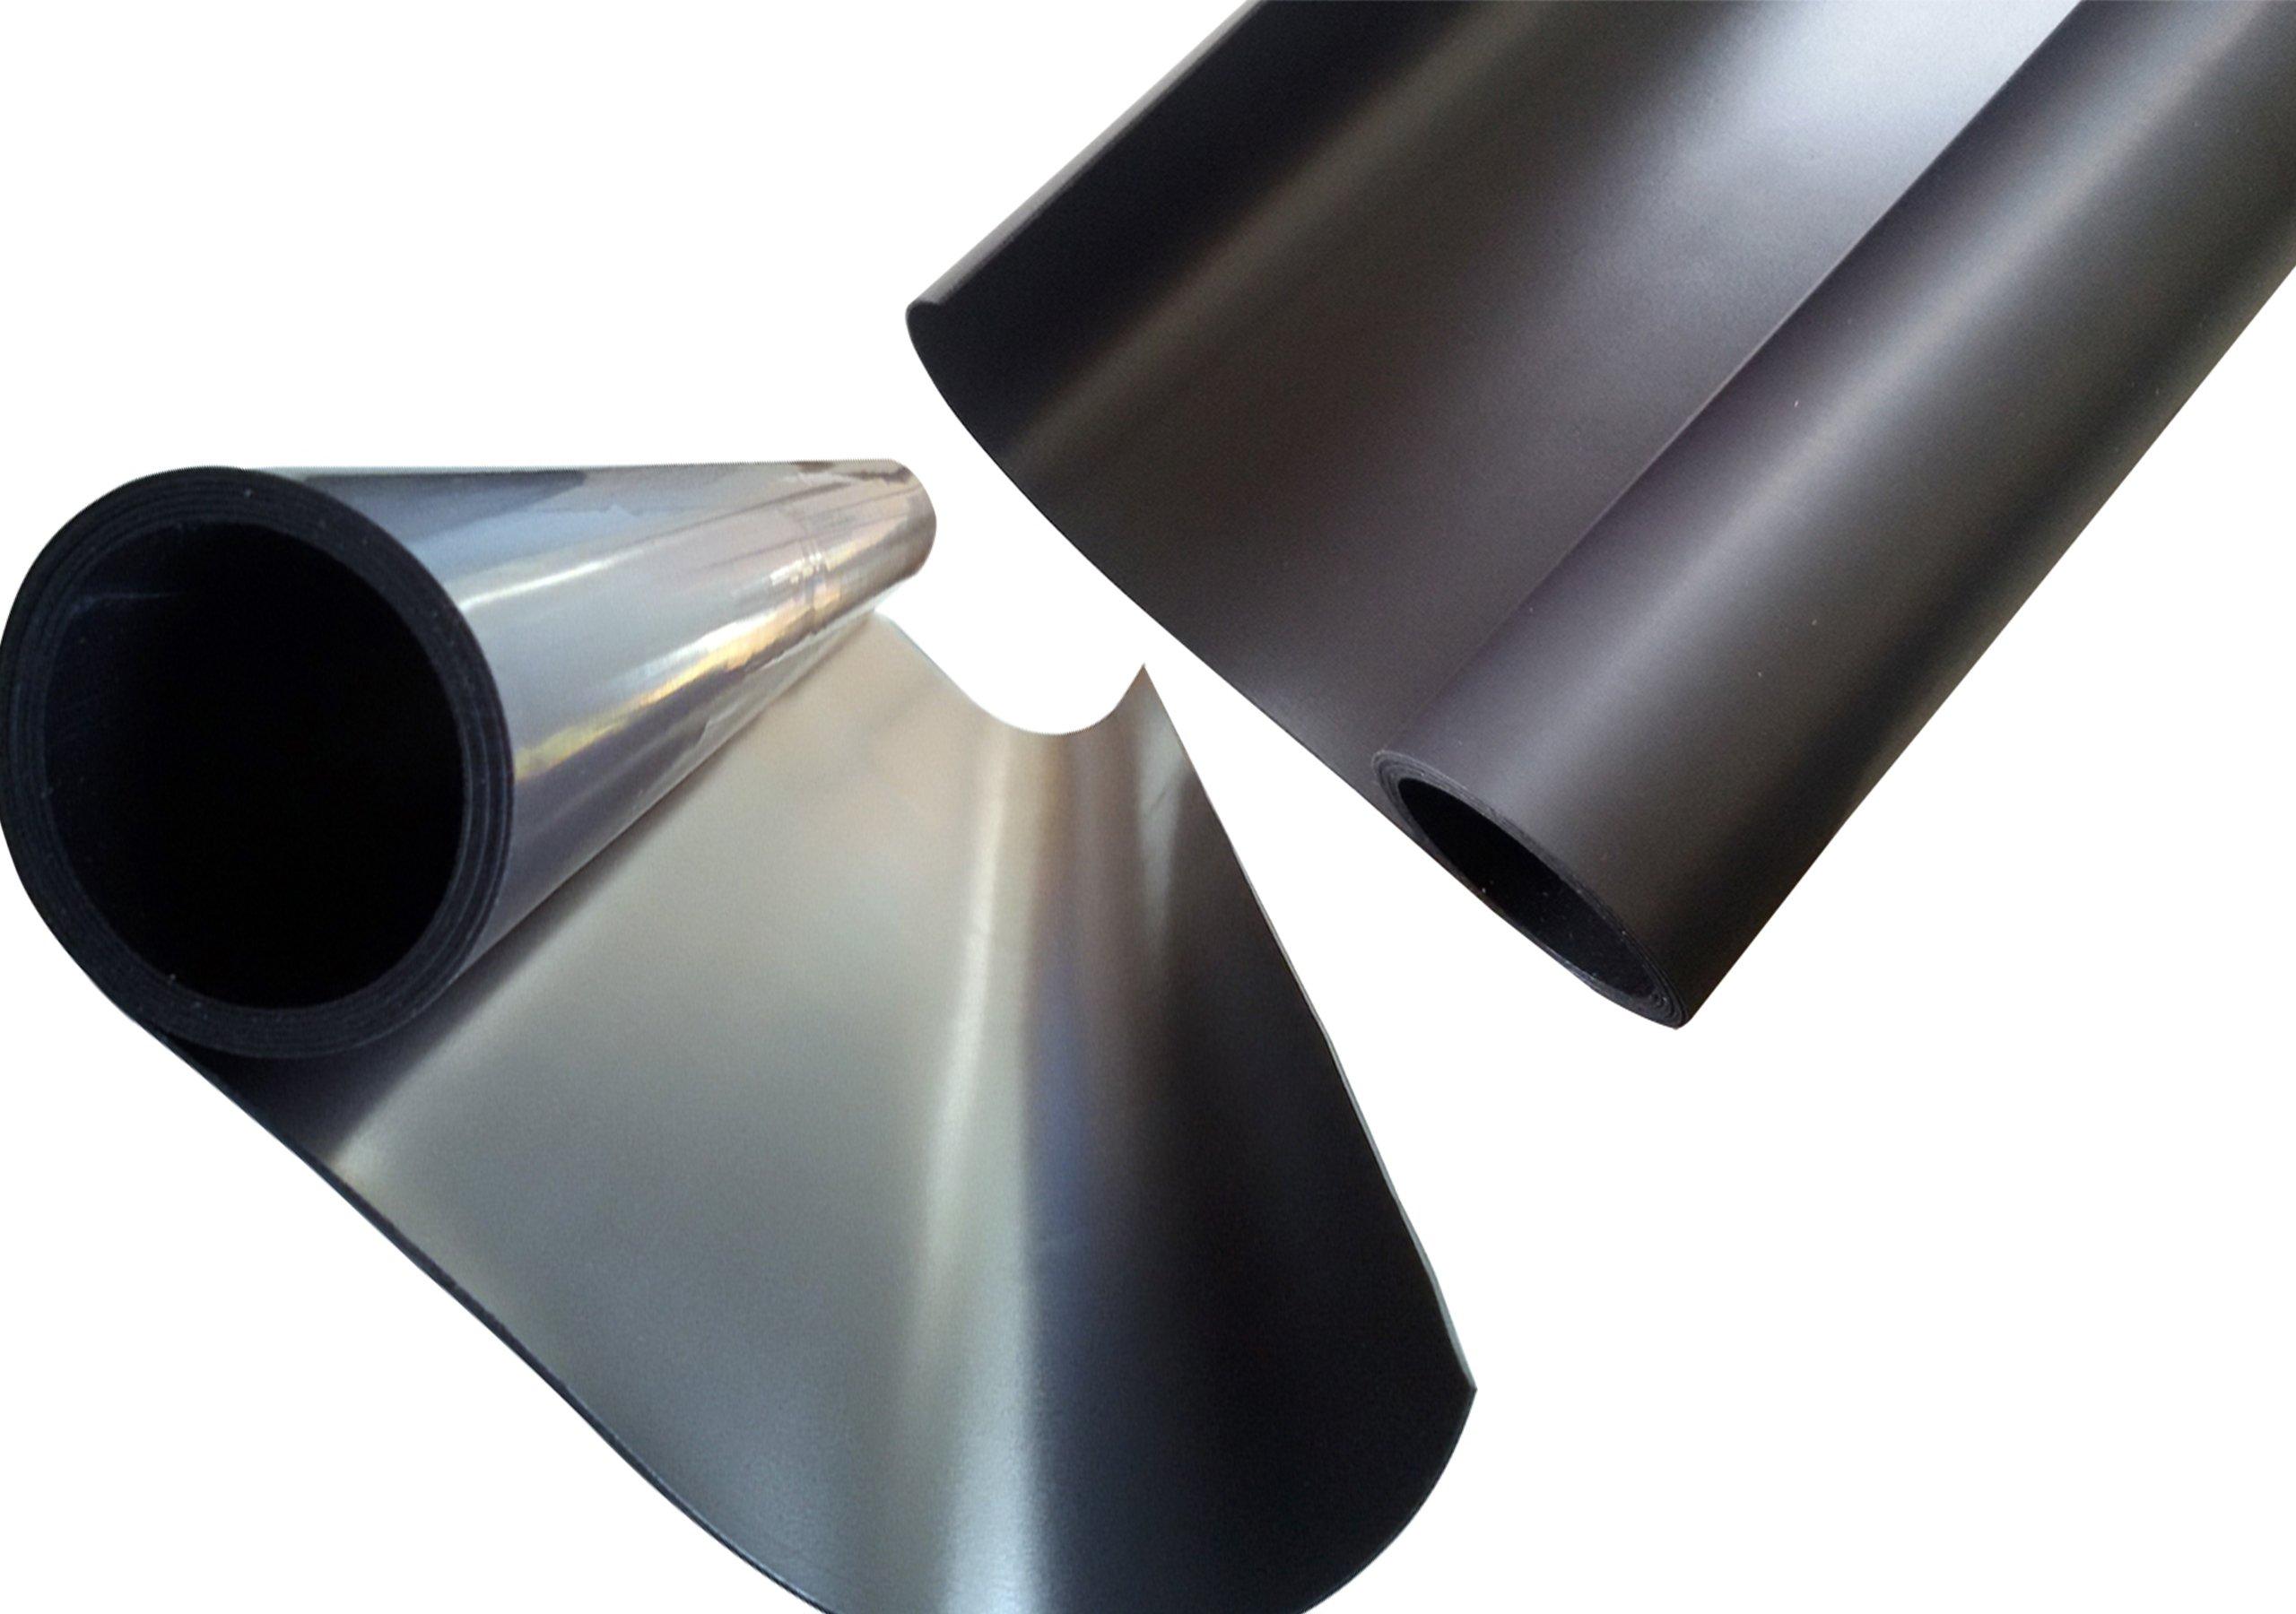 МАГНИТ пленка коврик магнитная 61x100cm -00706